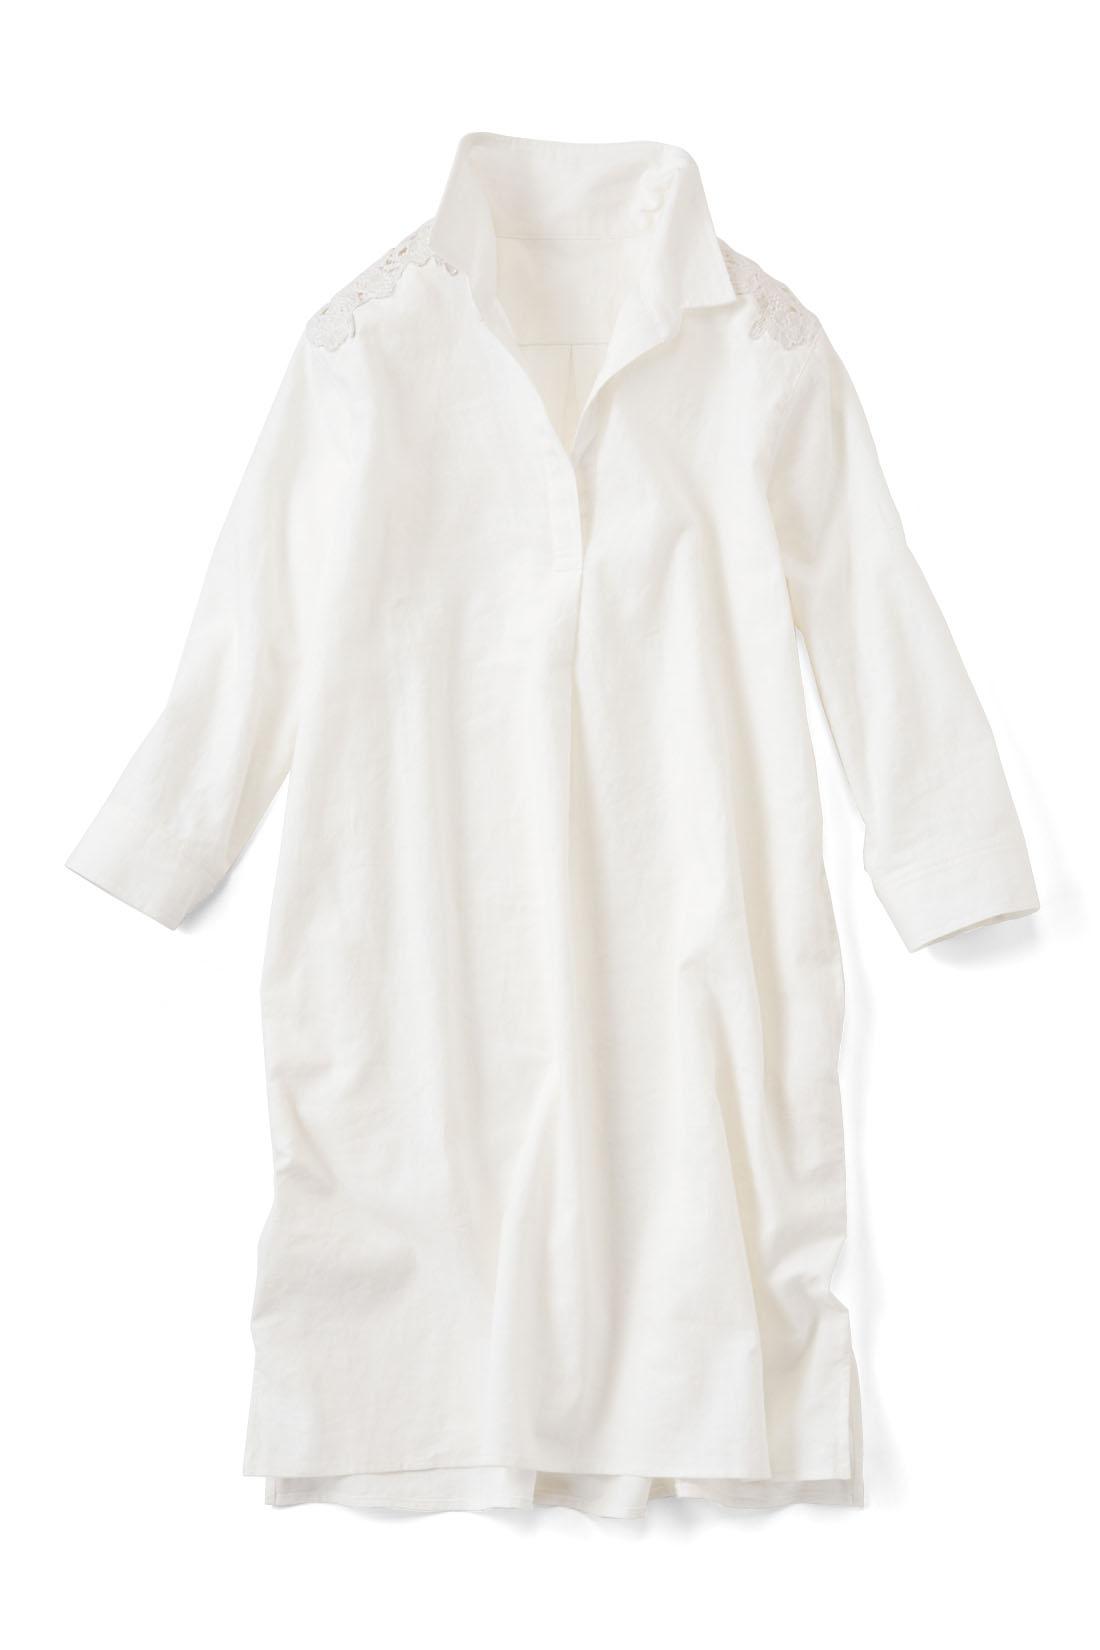 抜け感の【オフホワイト】 サッと着られるスキッパータイプの胸もと。